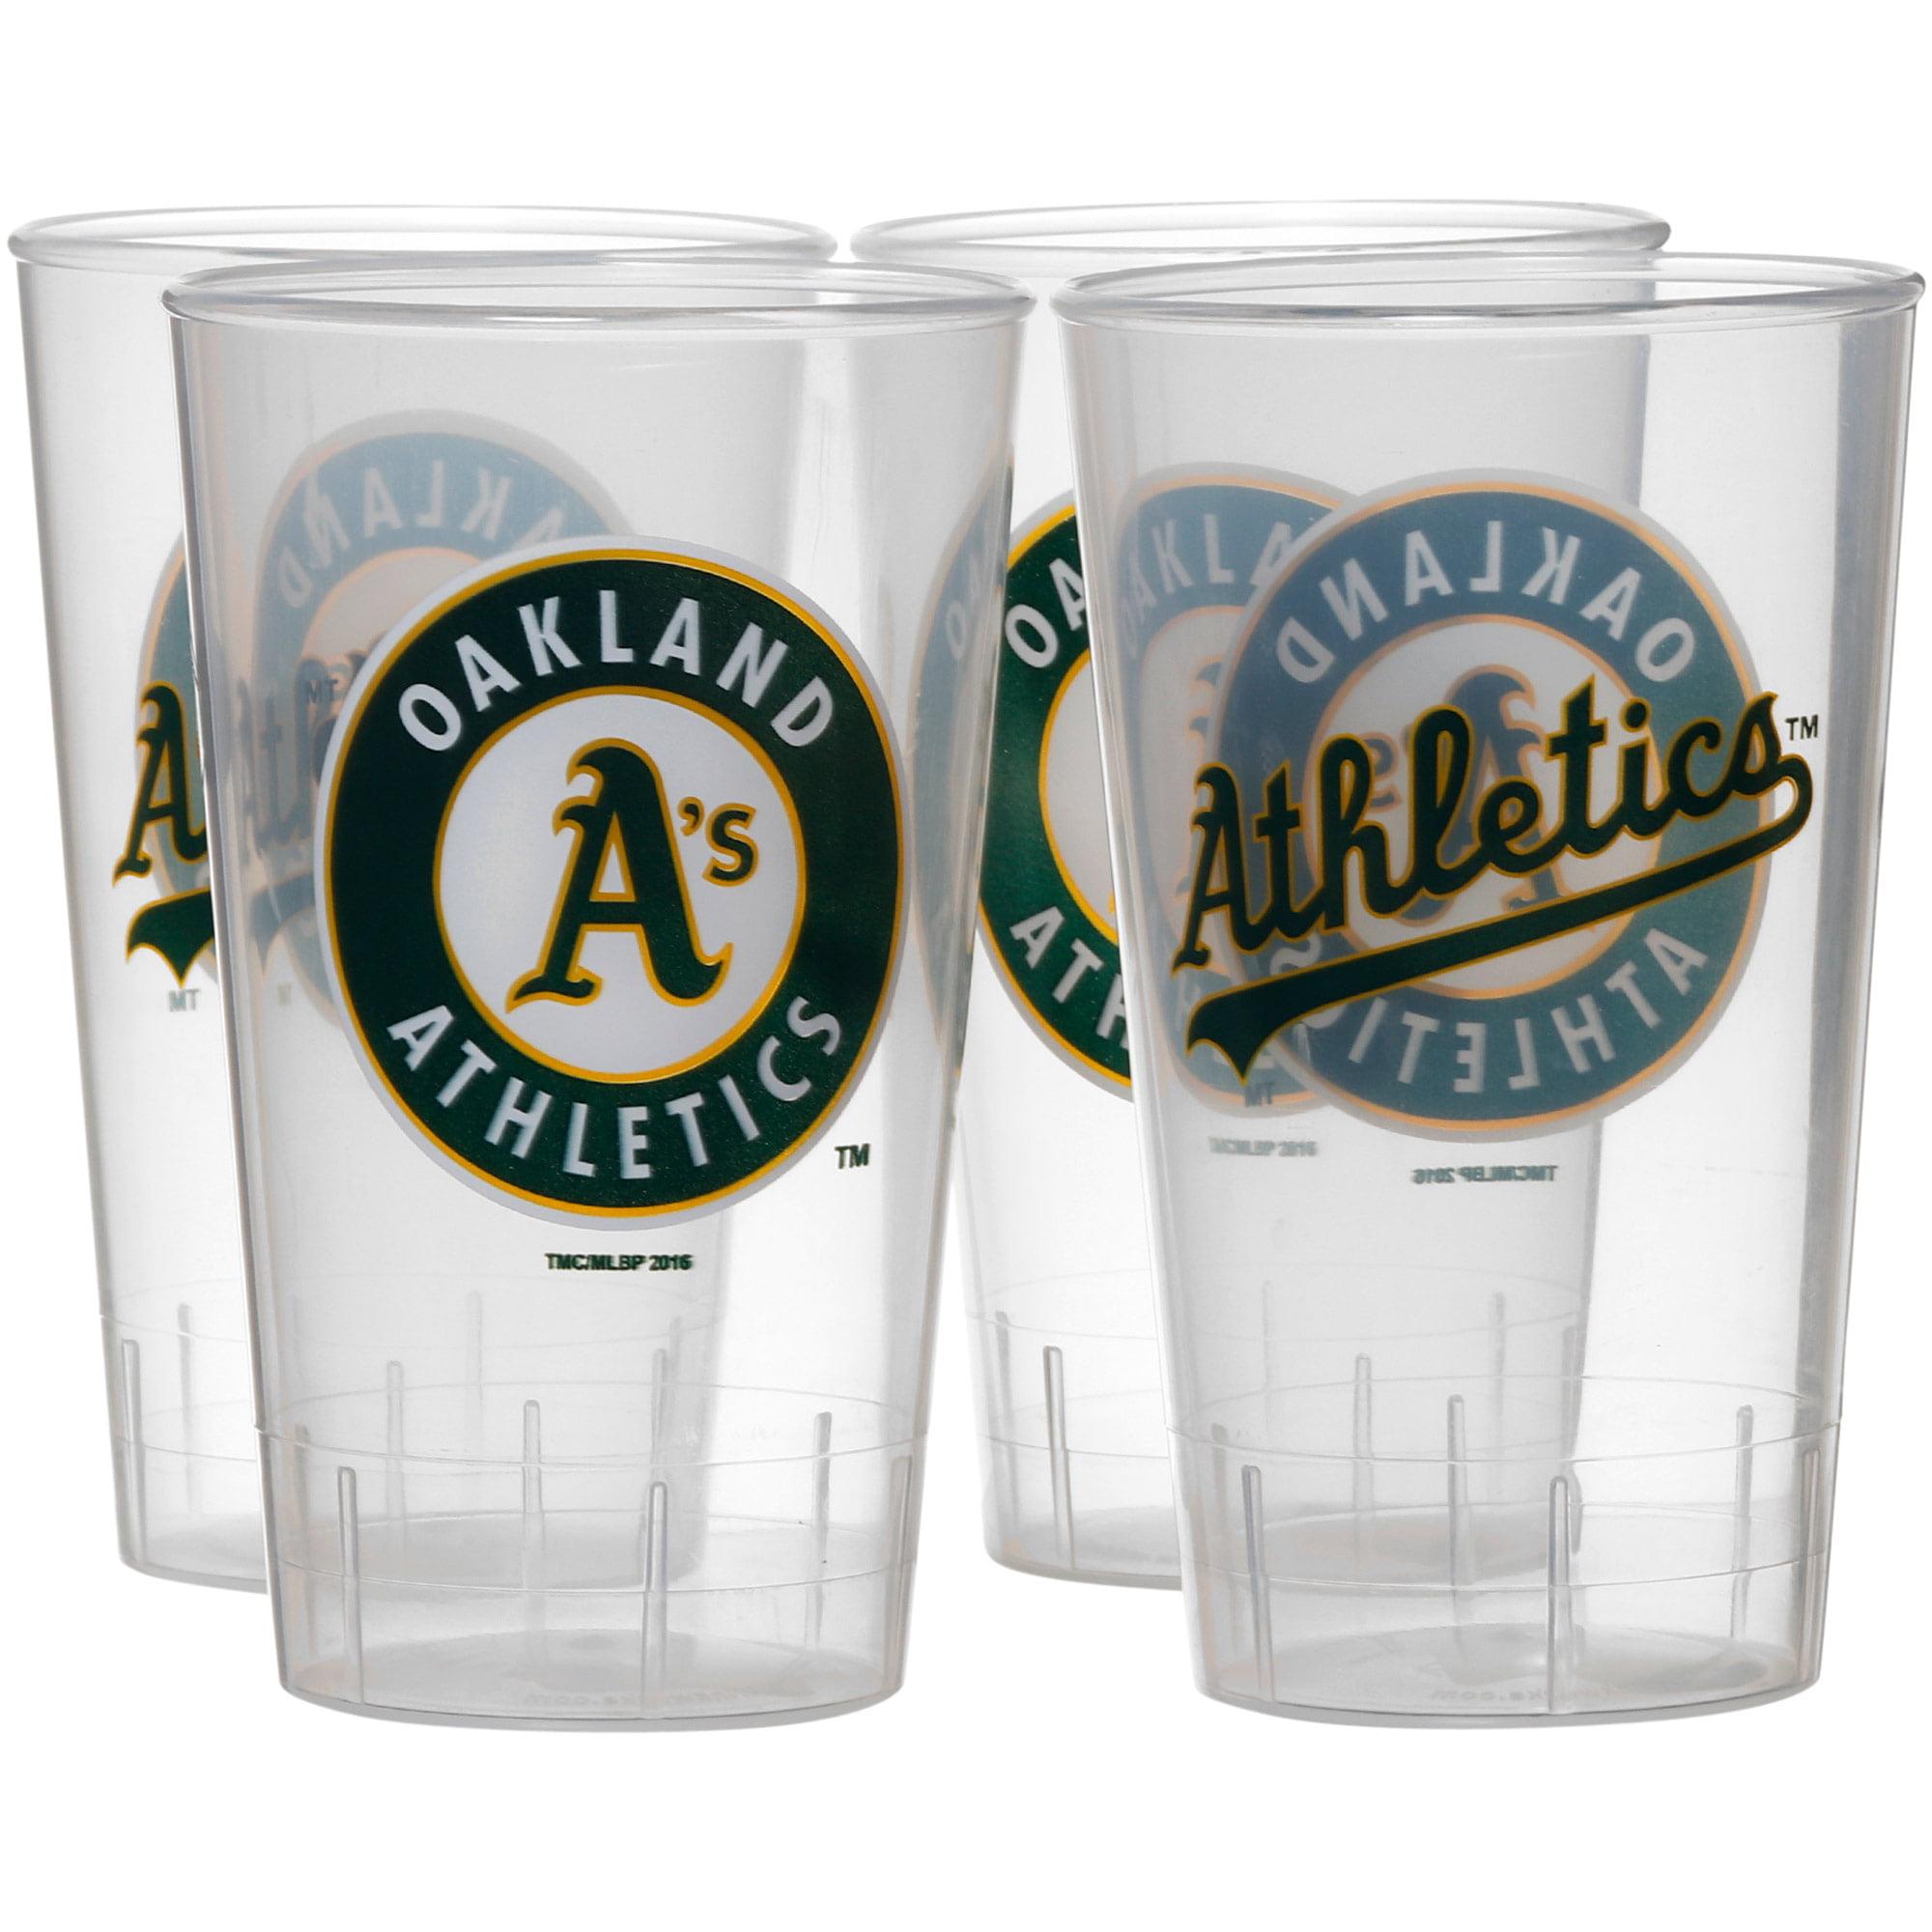 Oakland Athletics 16oz. Acrylic Tumblers 4-Pack Set - No Size